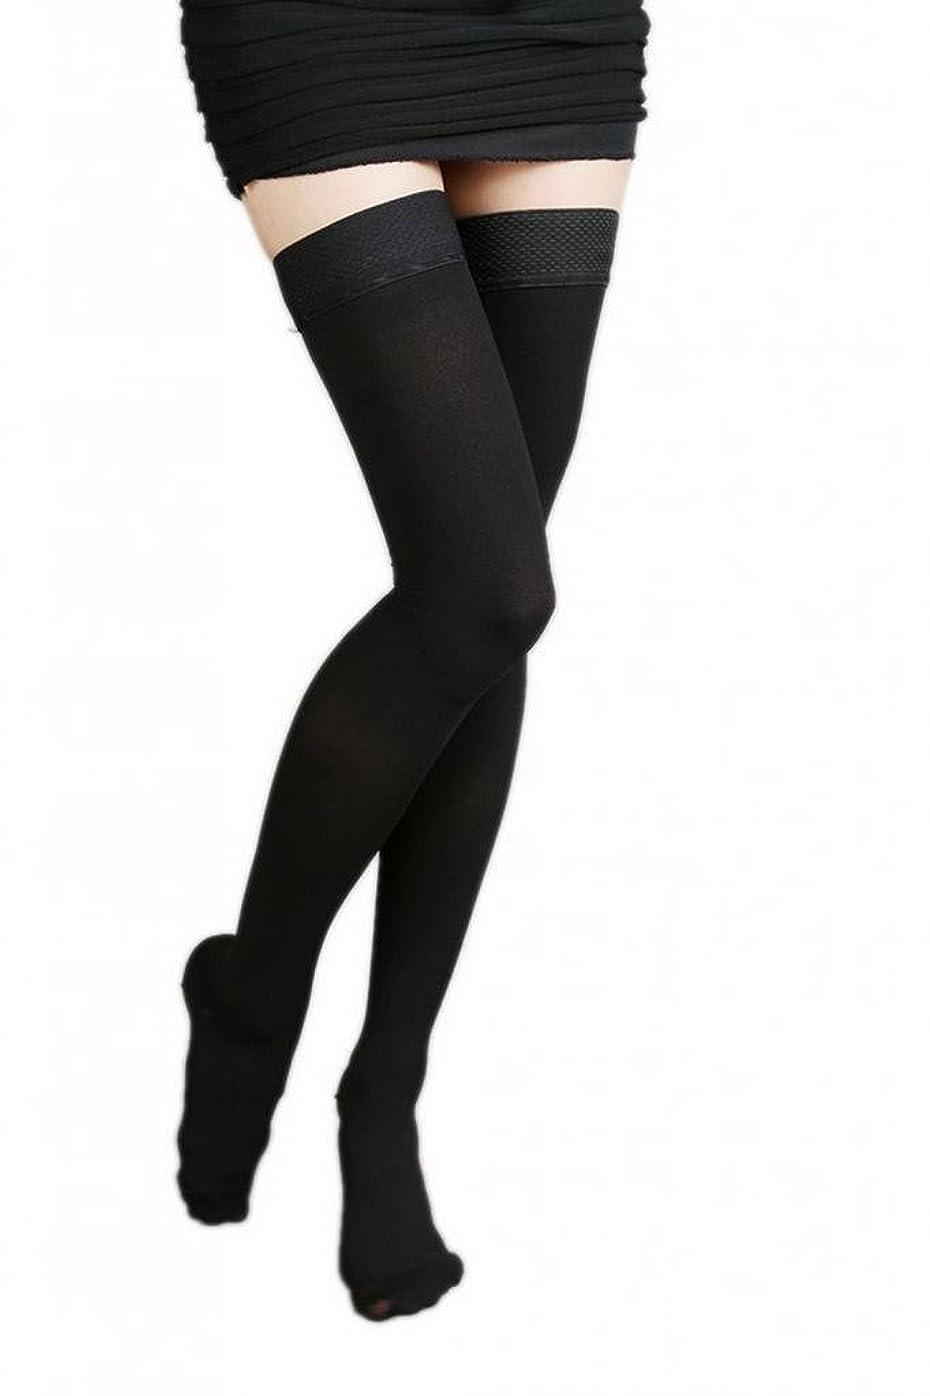 人生を作る表示牽引(ラボーグ)La Vogue 美脚 着圧オーバーニーソックス ハイソックス 靴下 弾性ストッキング つま先あり着圧ソックス XL 3級強圧 黒色